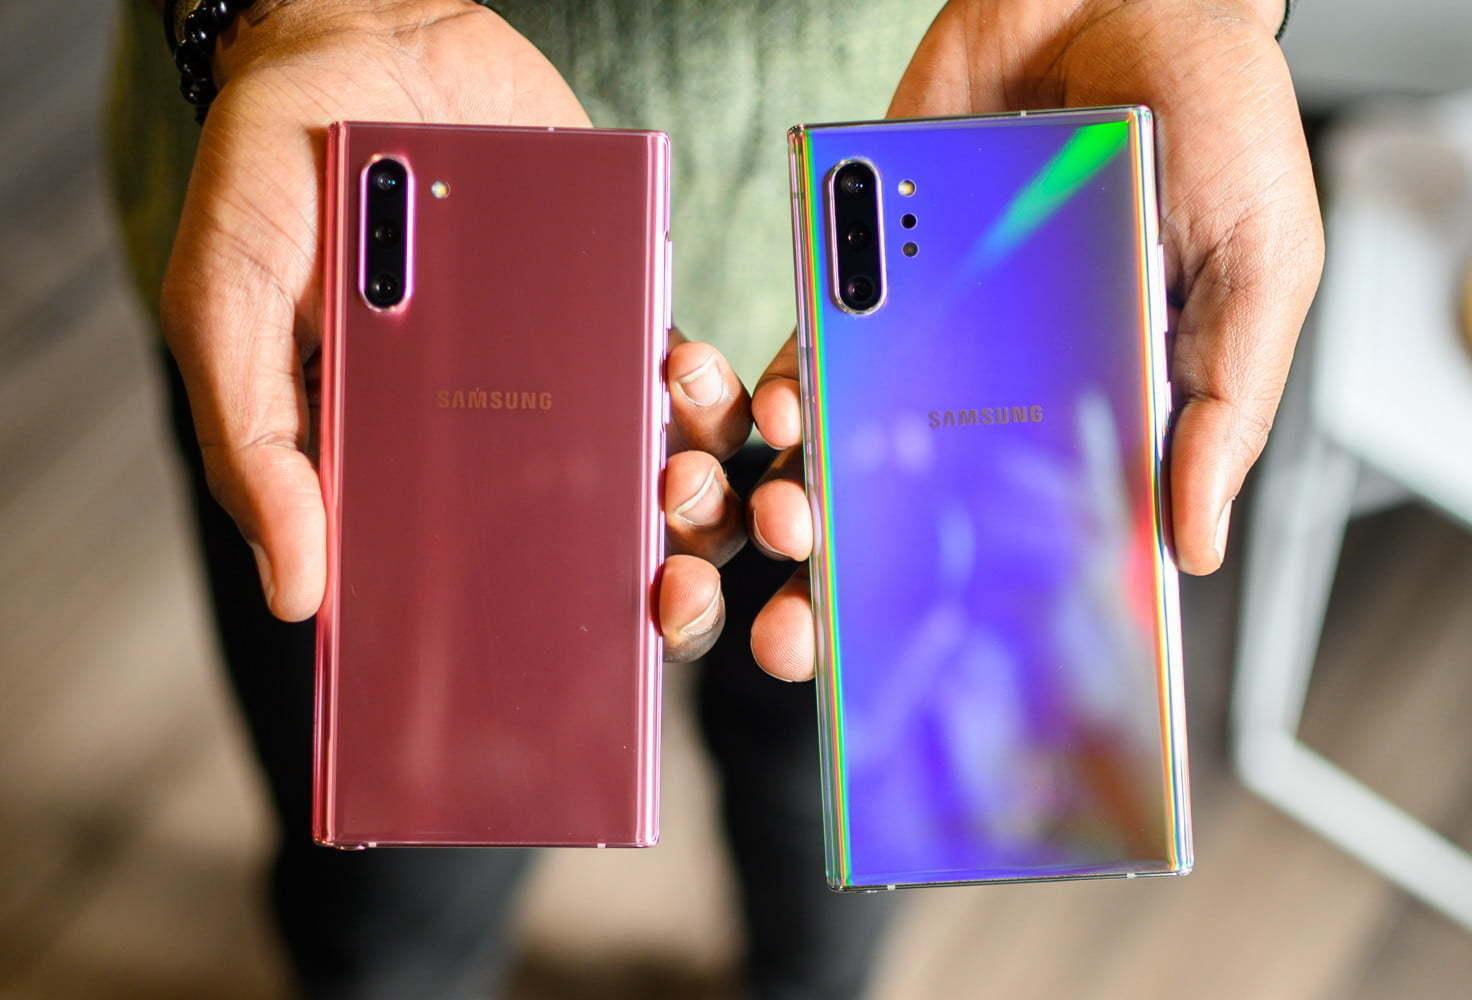 Samsung Ekran Fiyatı Ne Kadar?